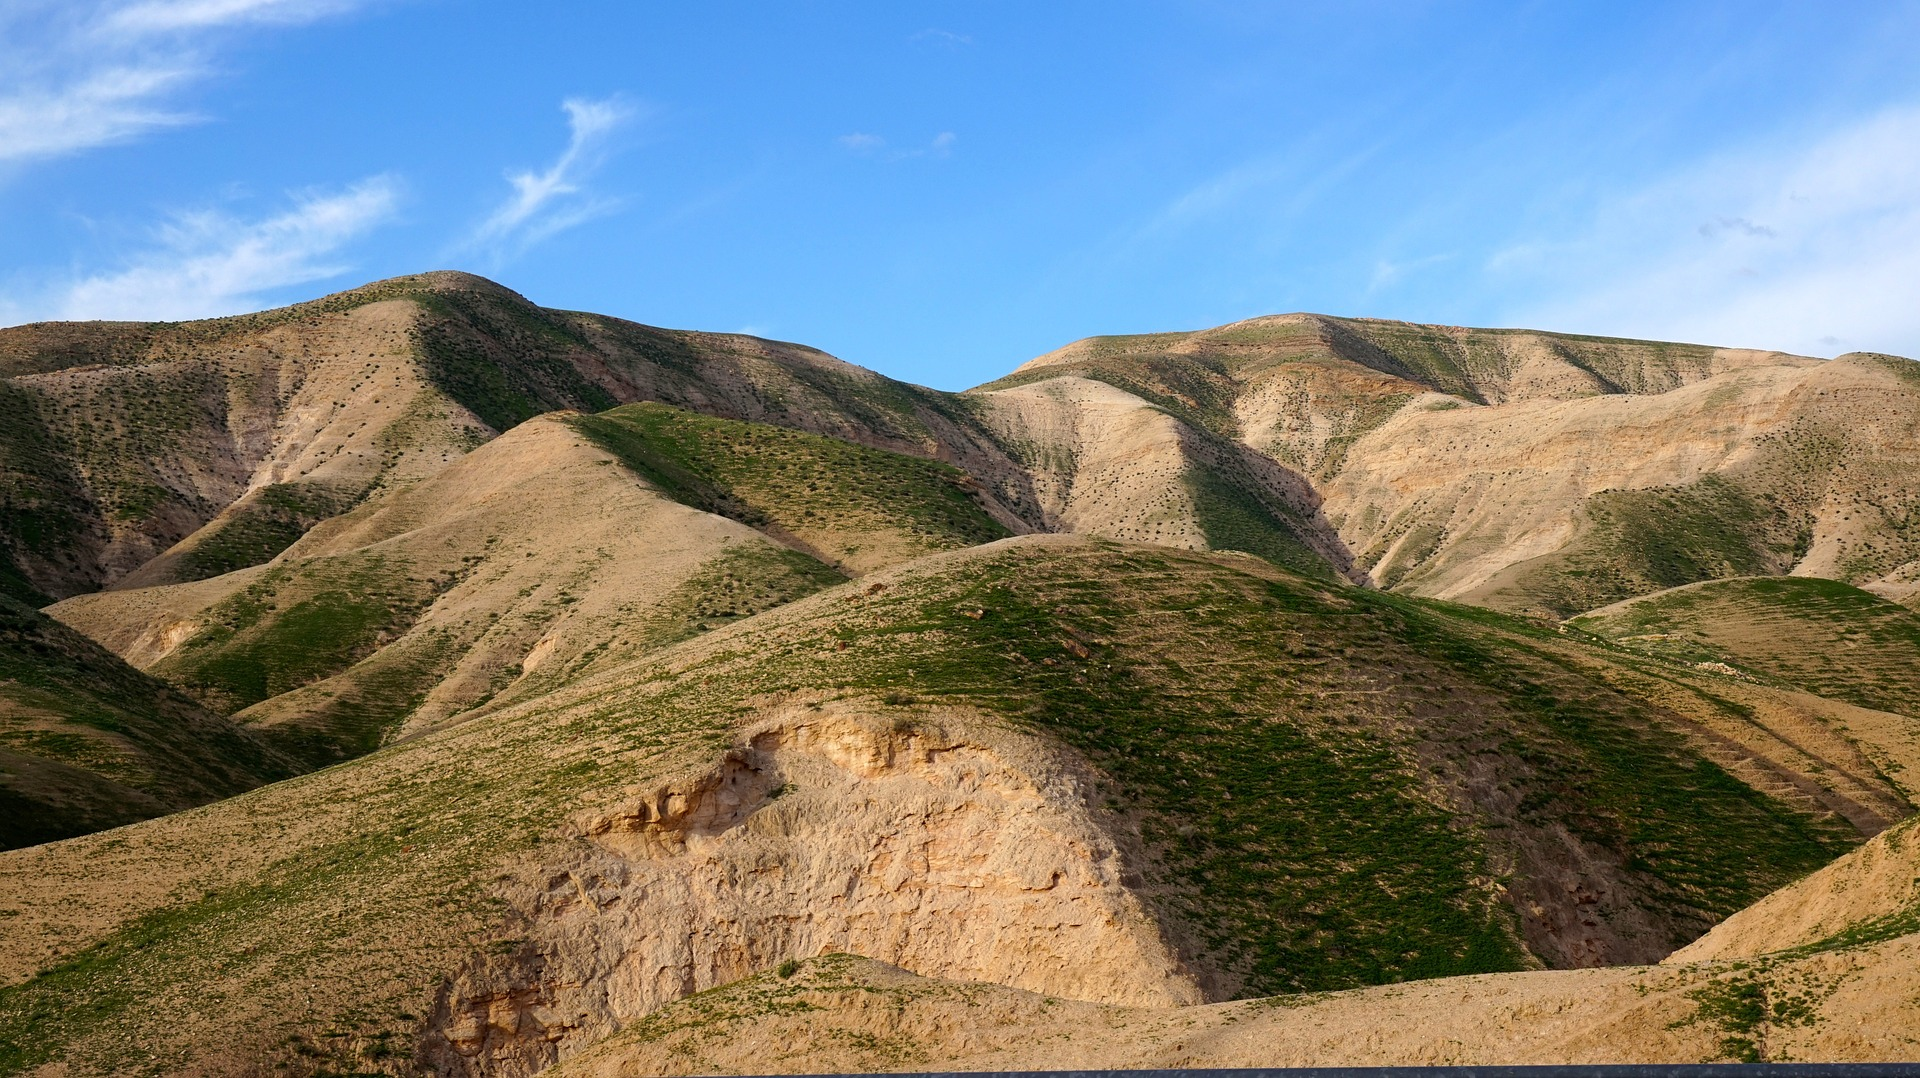 Hügelland von Judäa